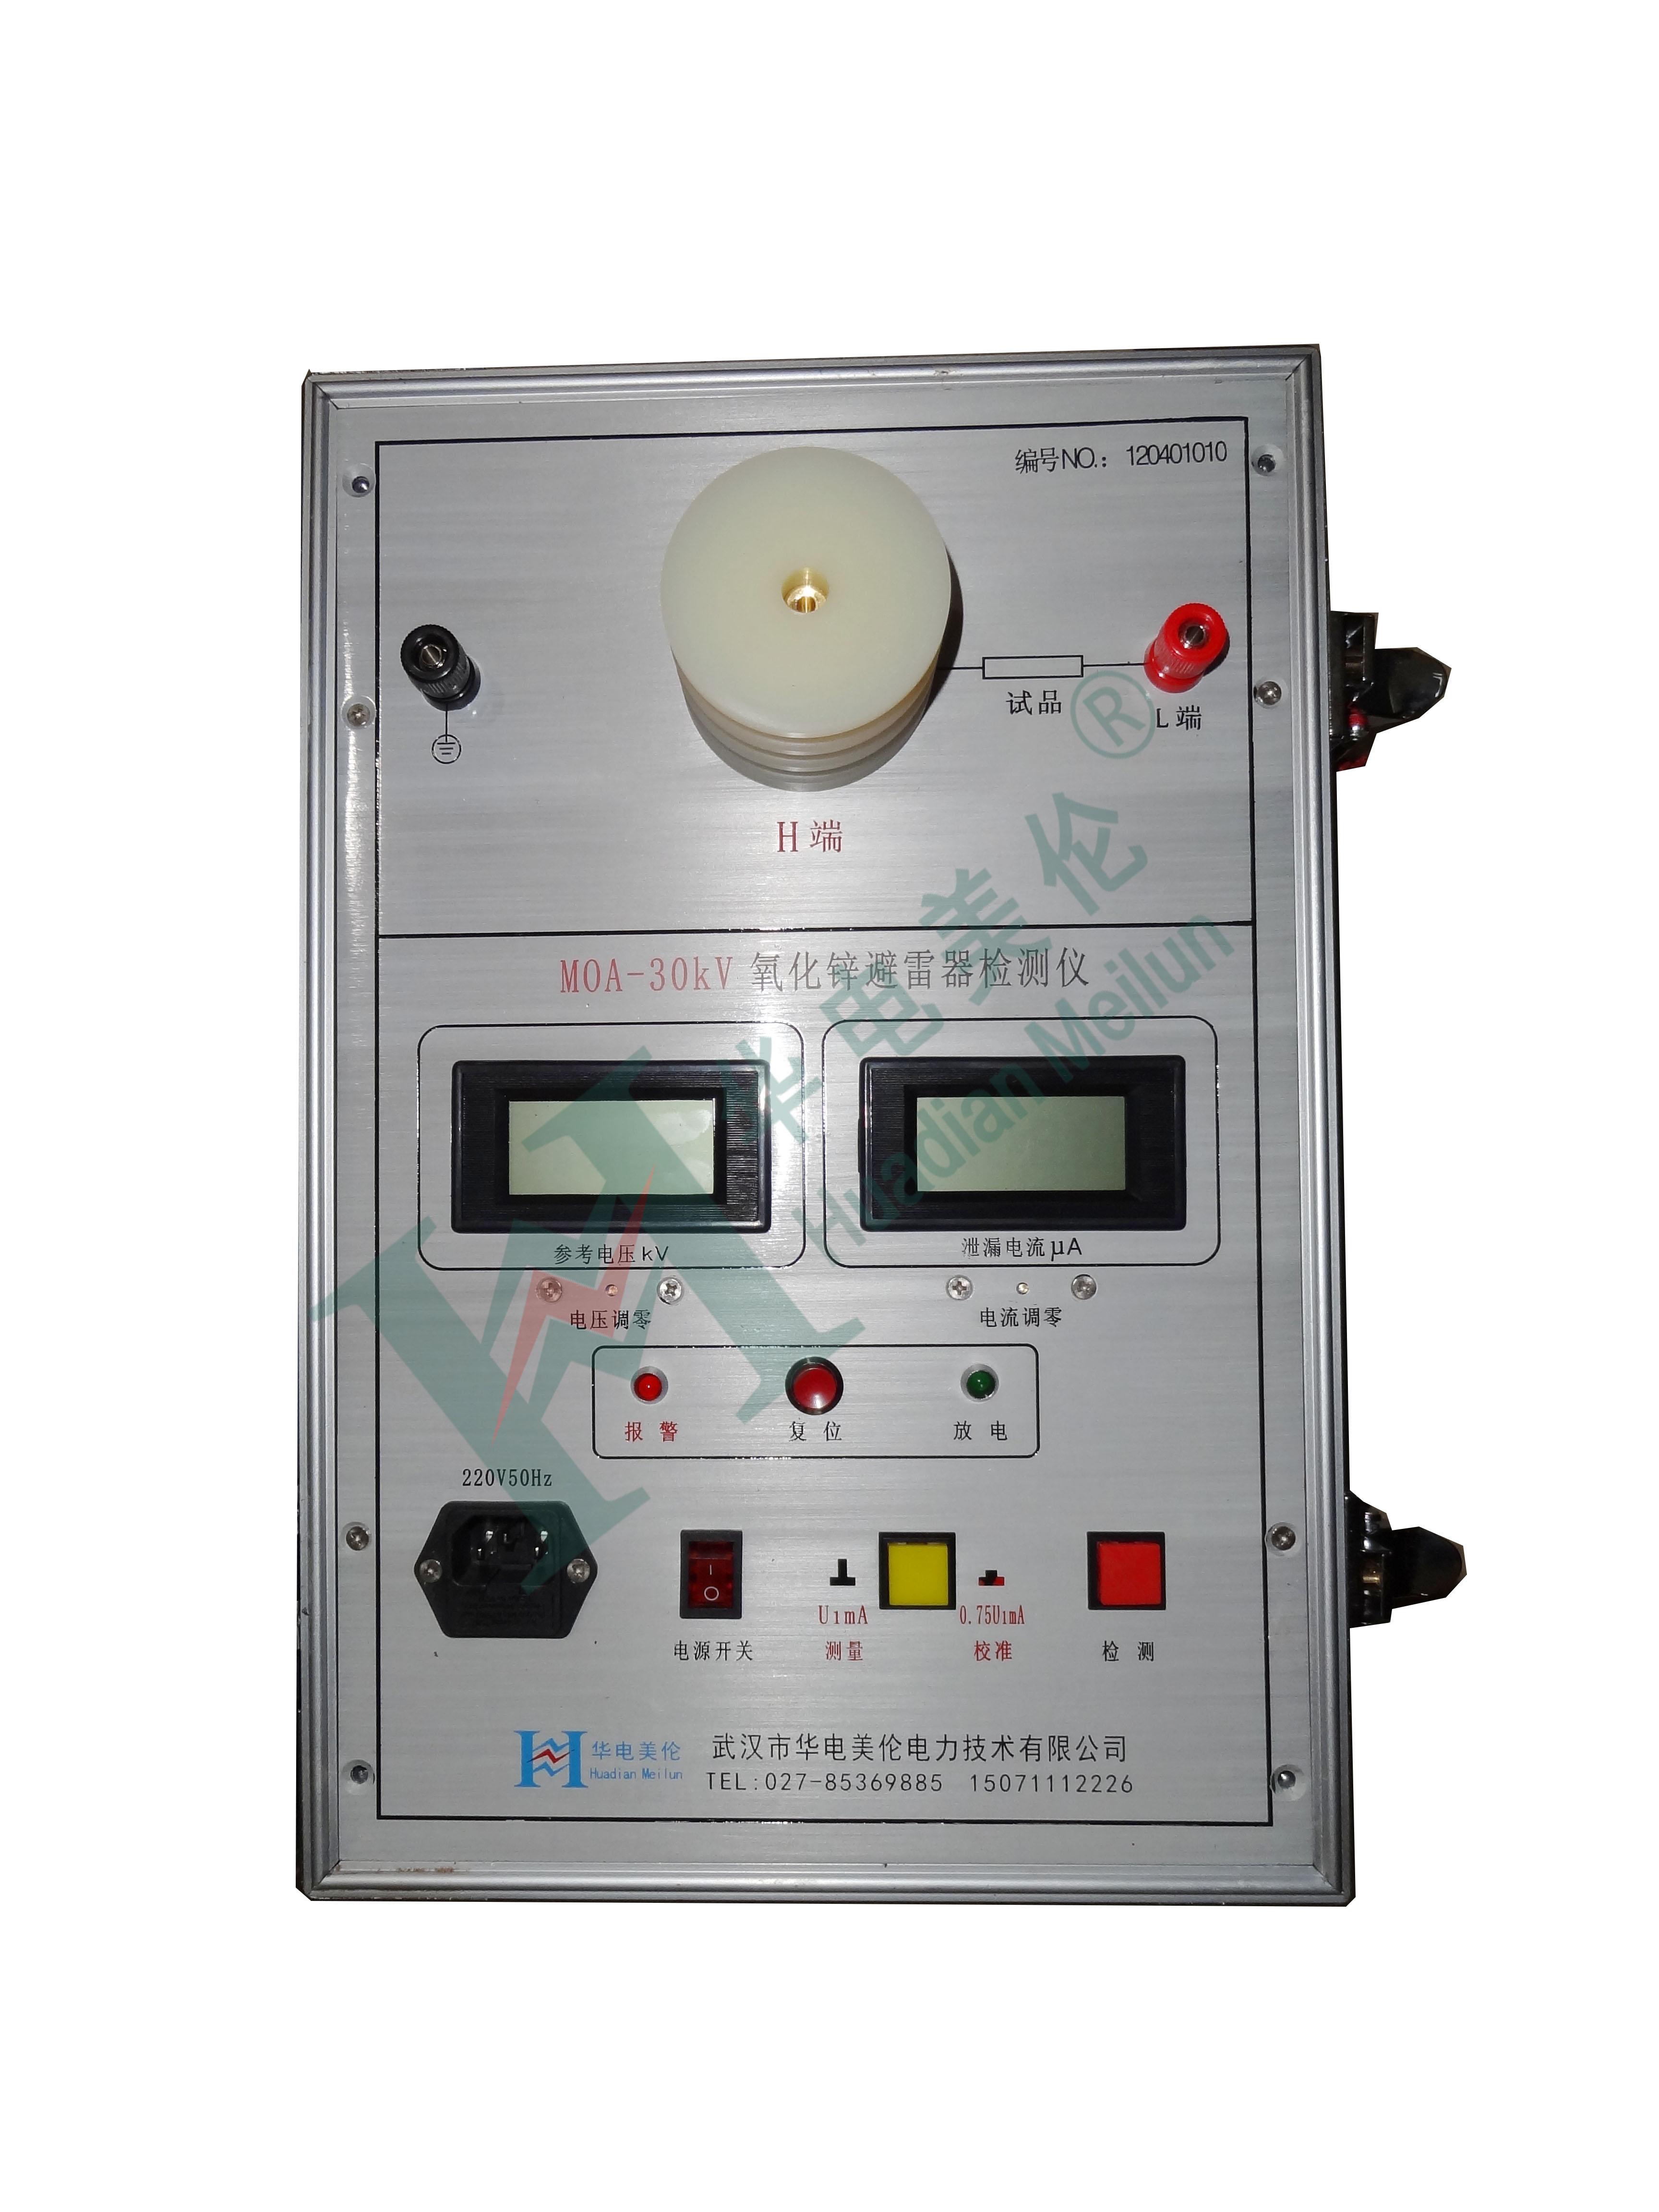 MOA-30kV氧化锌避雷器检测仪